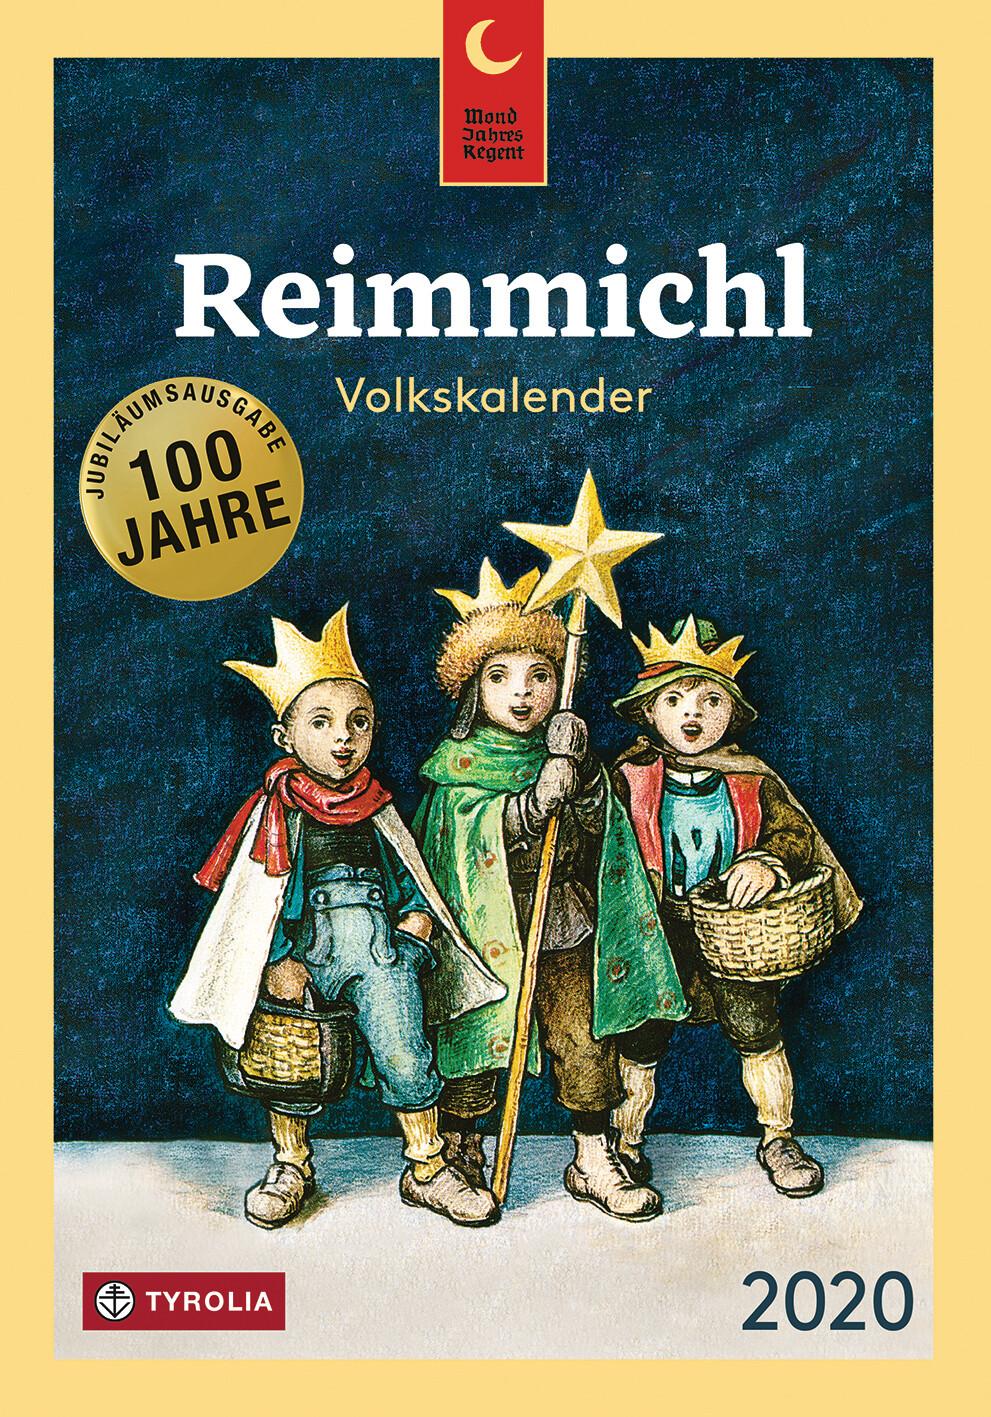 Reimmichl Volkskalender - Spezialausgabe zum 100. Jubiläum